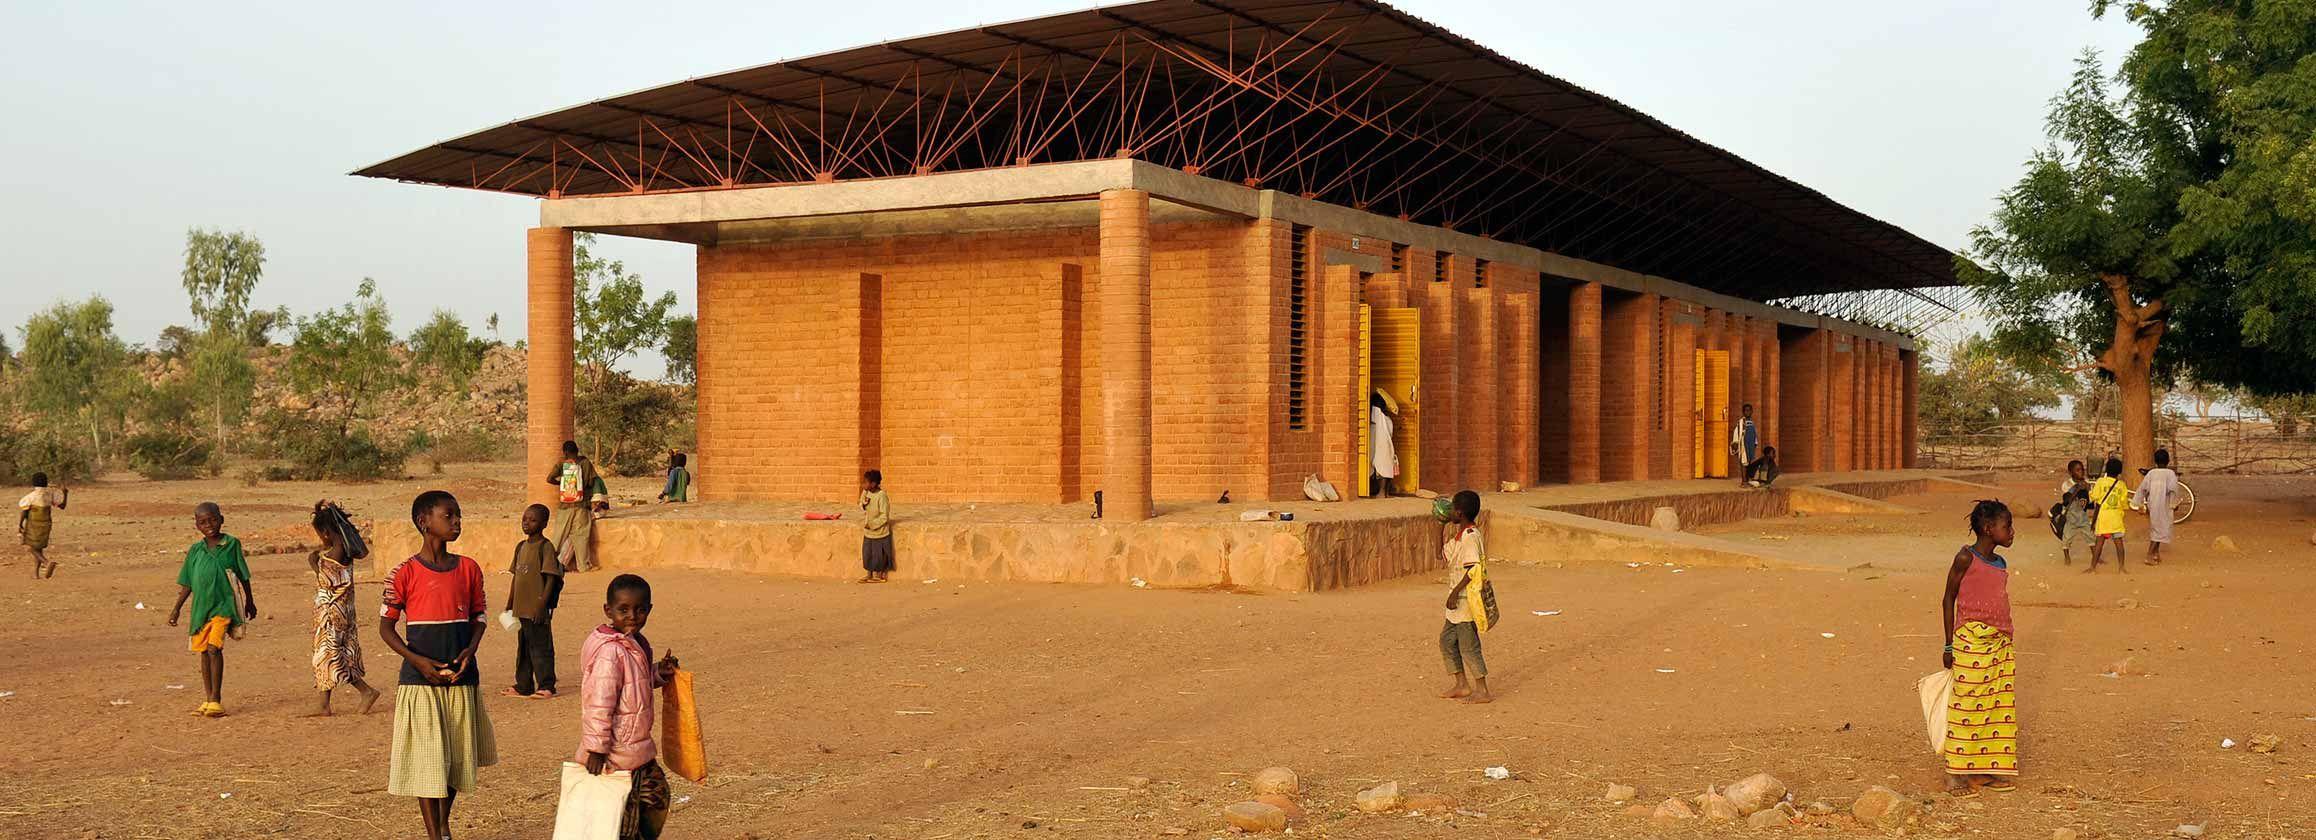 K 233 R 233 Architecture Primary School Gando Burkina Faso